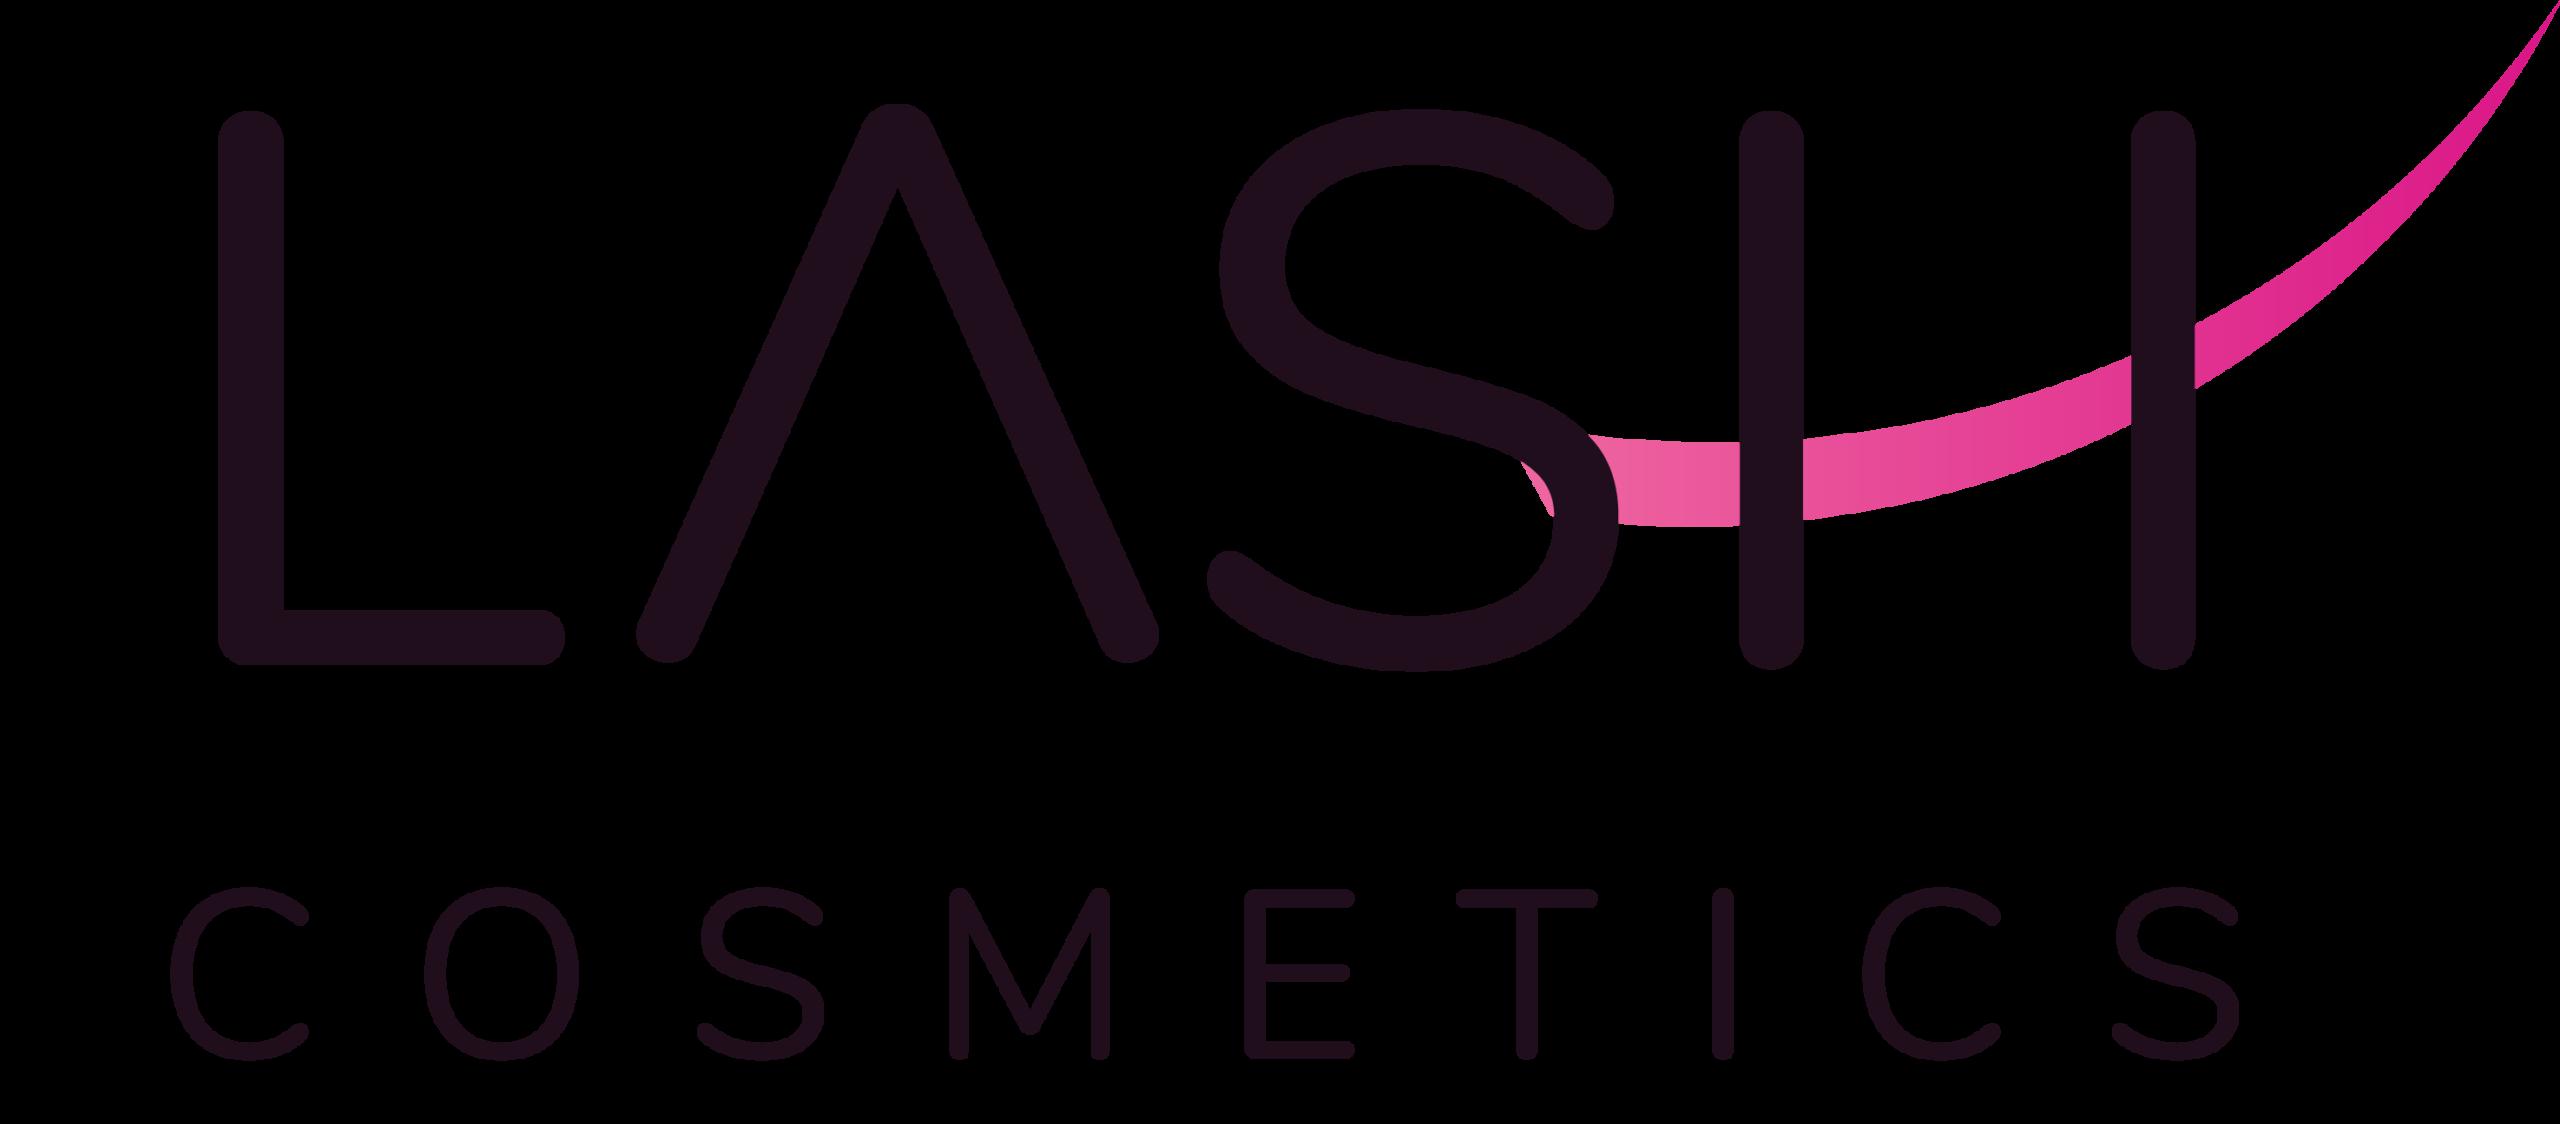 Lash Cosmetics